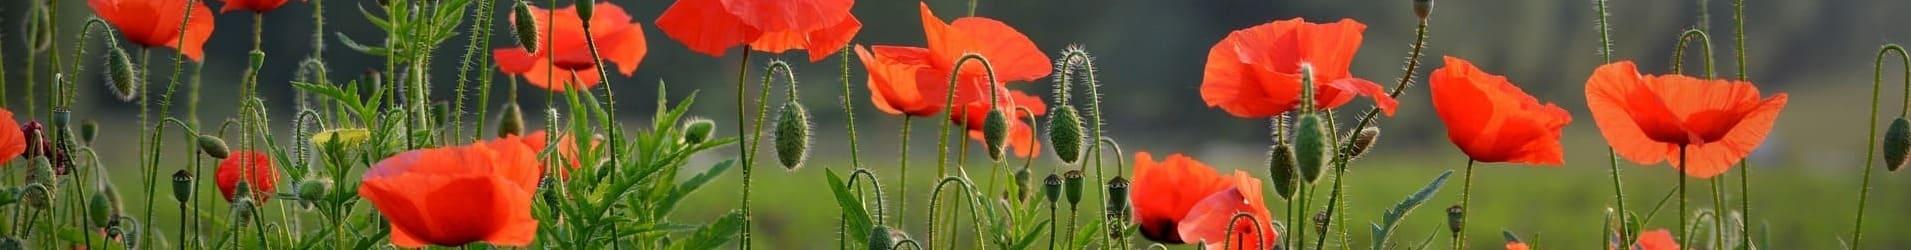 flower-1449981_1920 (1) (1)